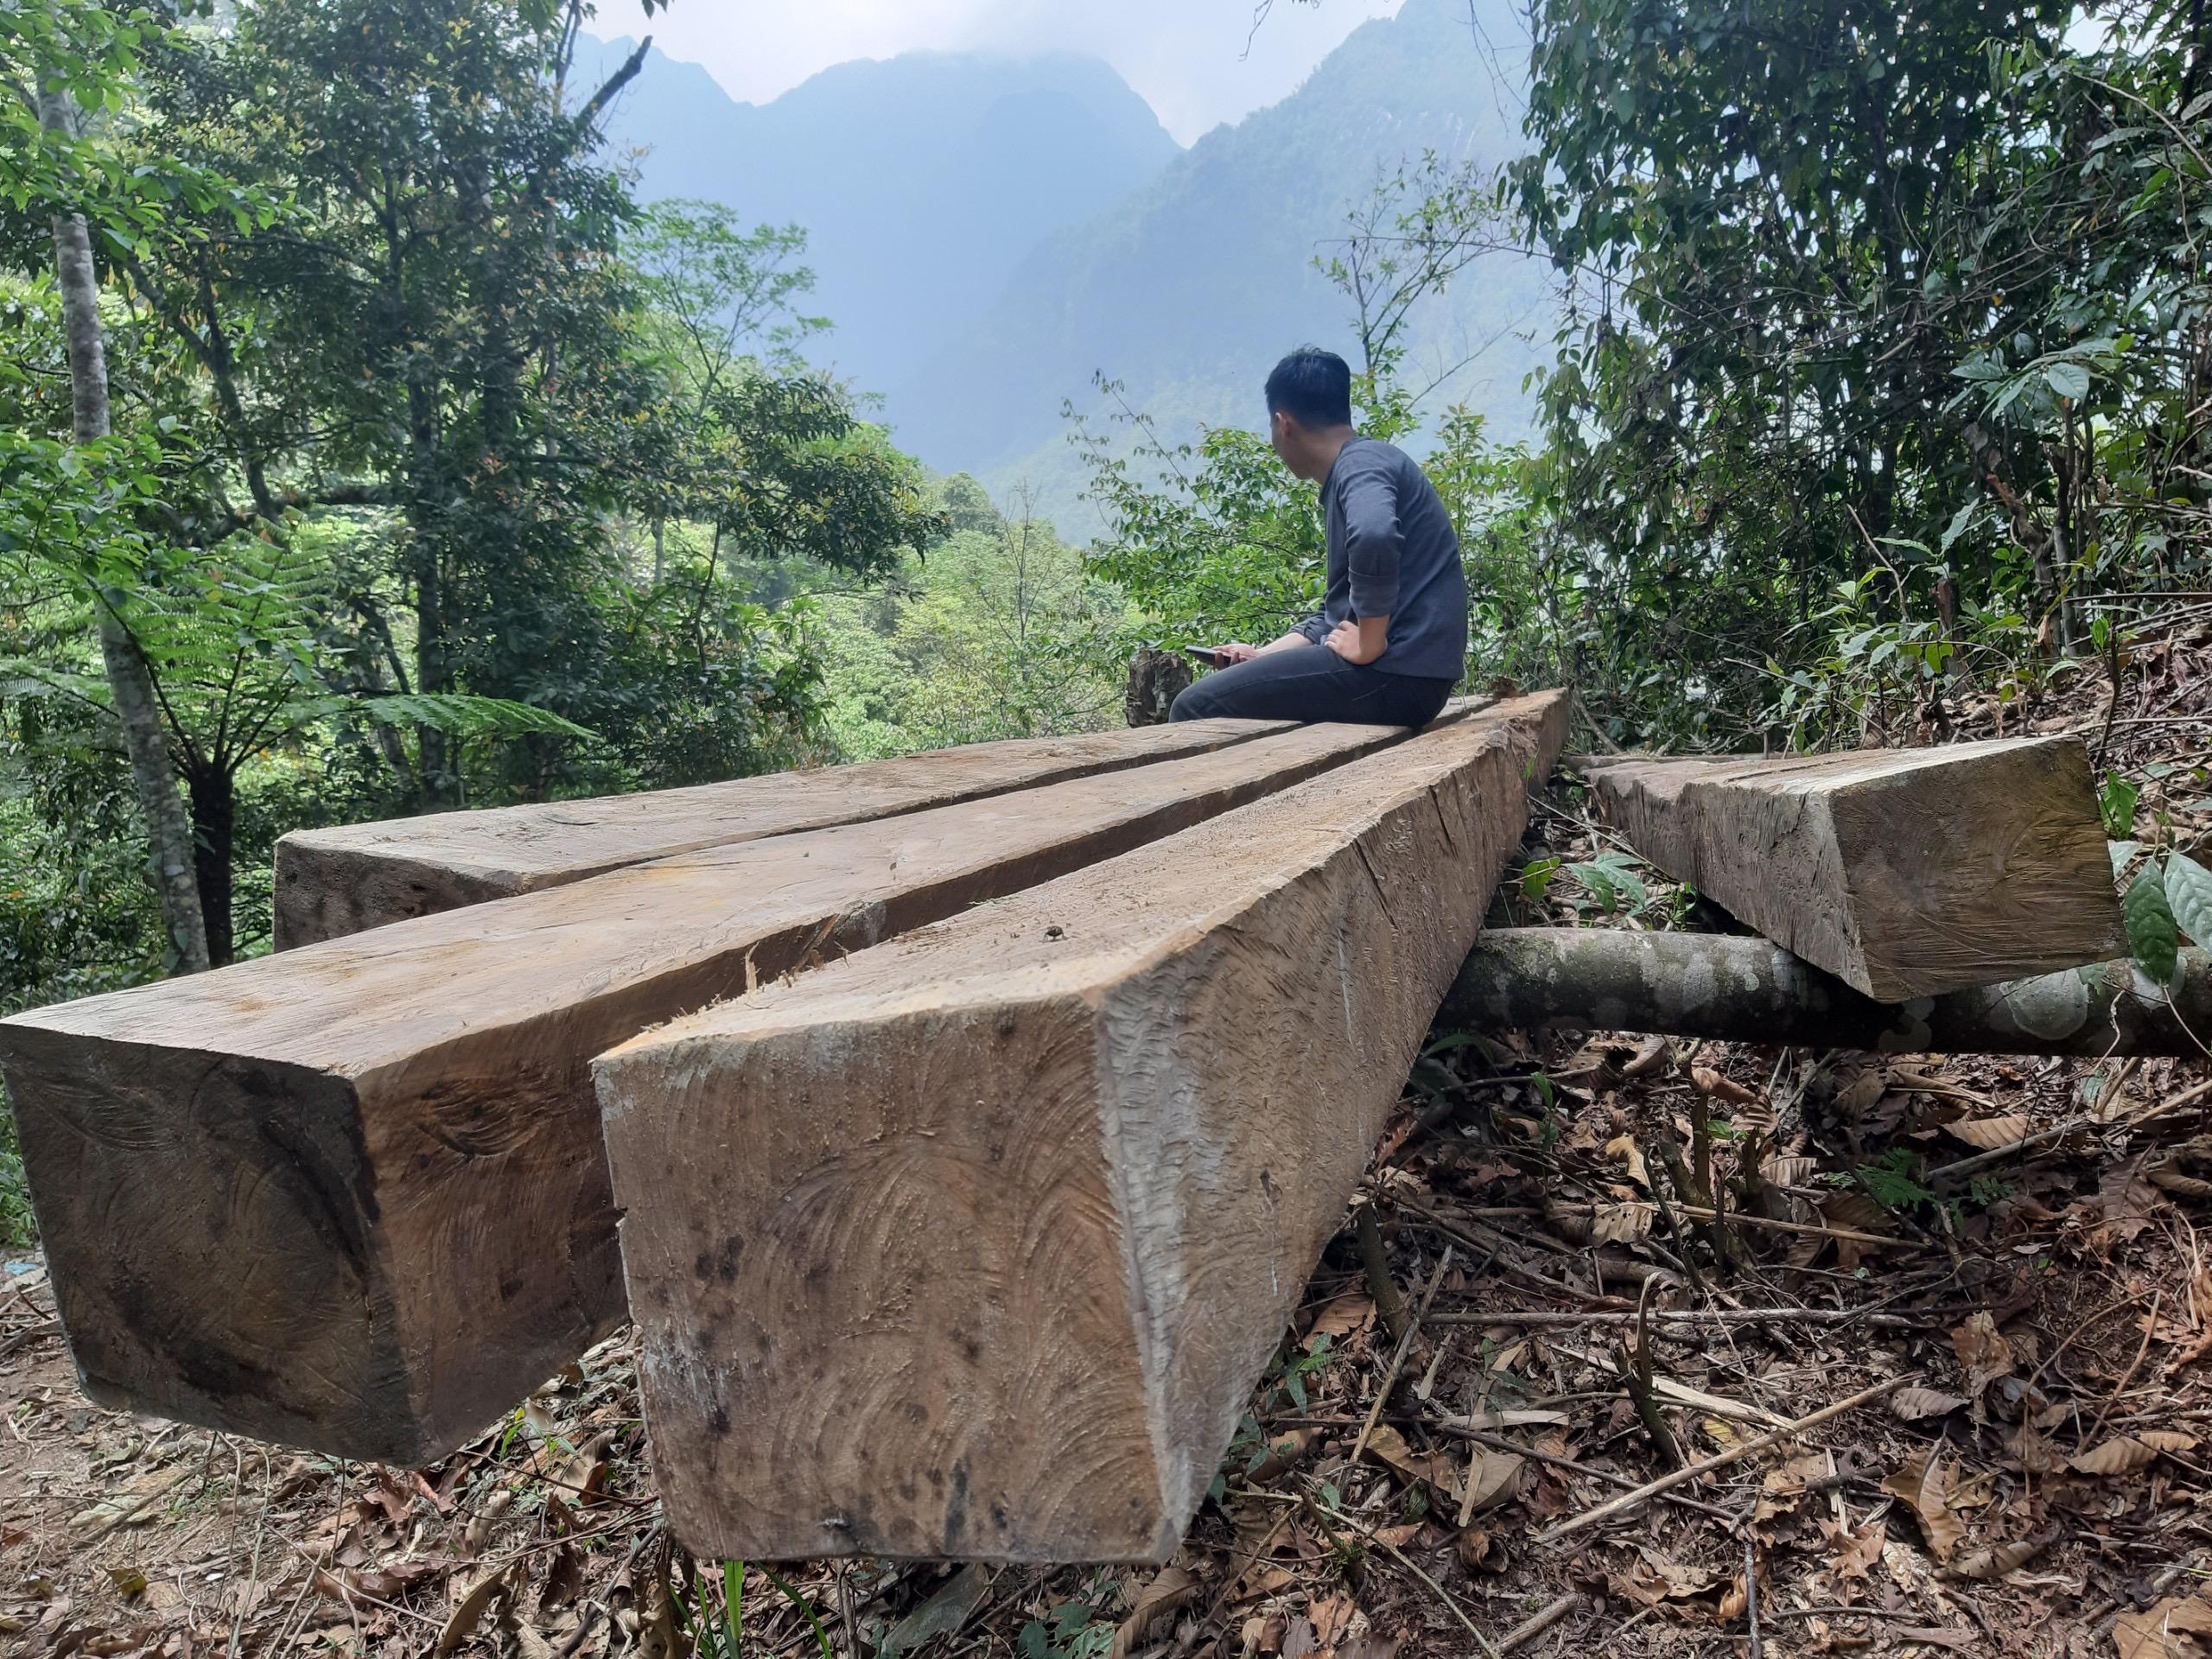 """Thế này là """"khai thác nhỏ lẻ"""" ư - thưa ông Chủ tịch UBND tỉnh Lào Cai! - Ảnh 16."""